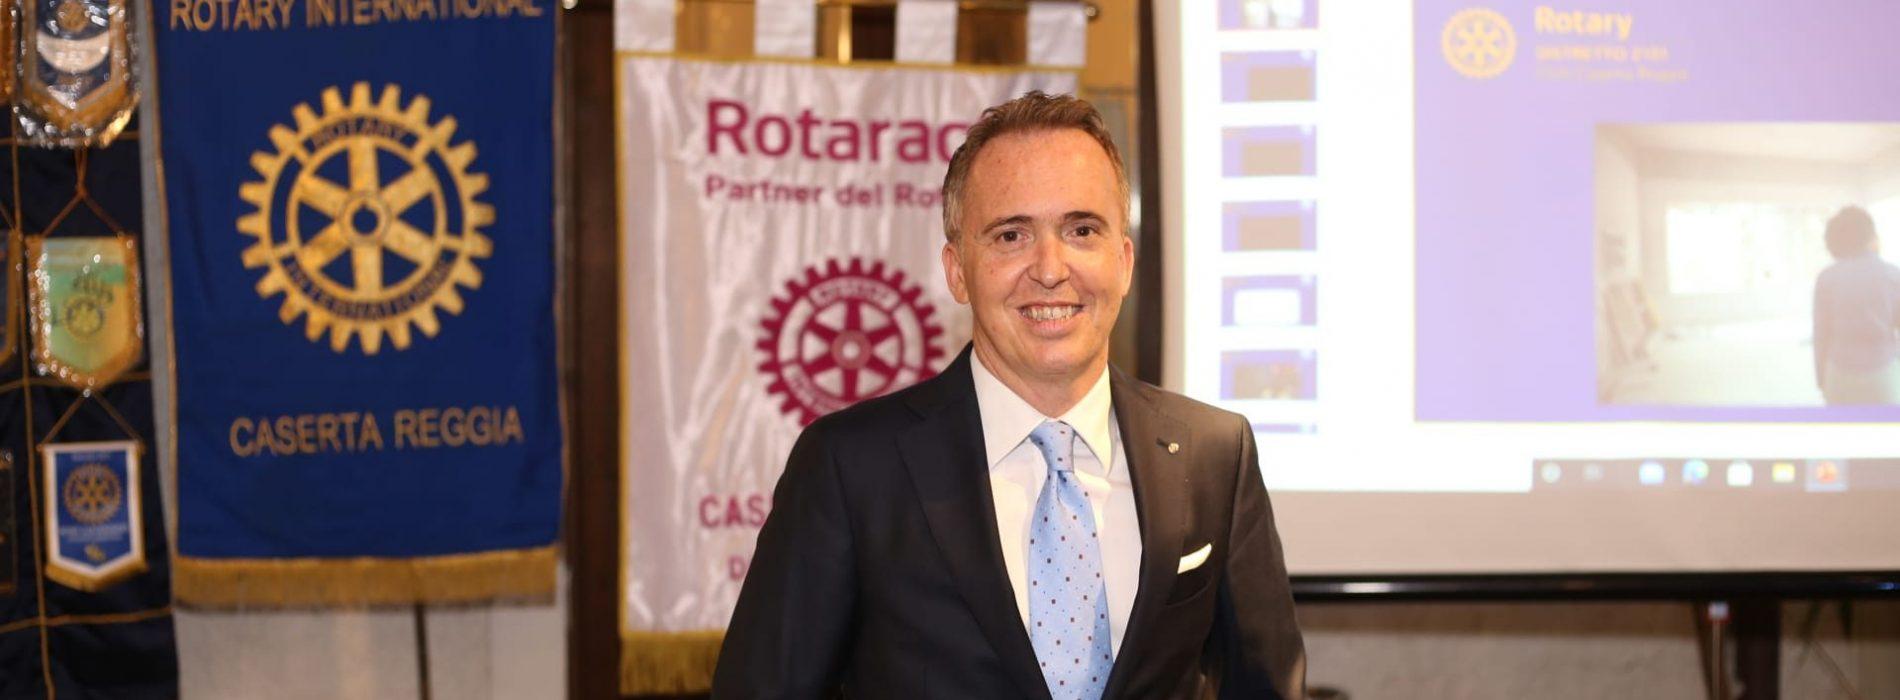 Fabio Equitani, nuovo presidente per il Rotary Caserta Reggia